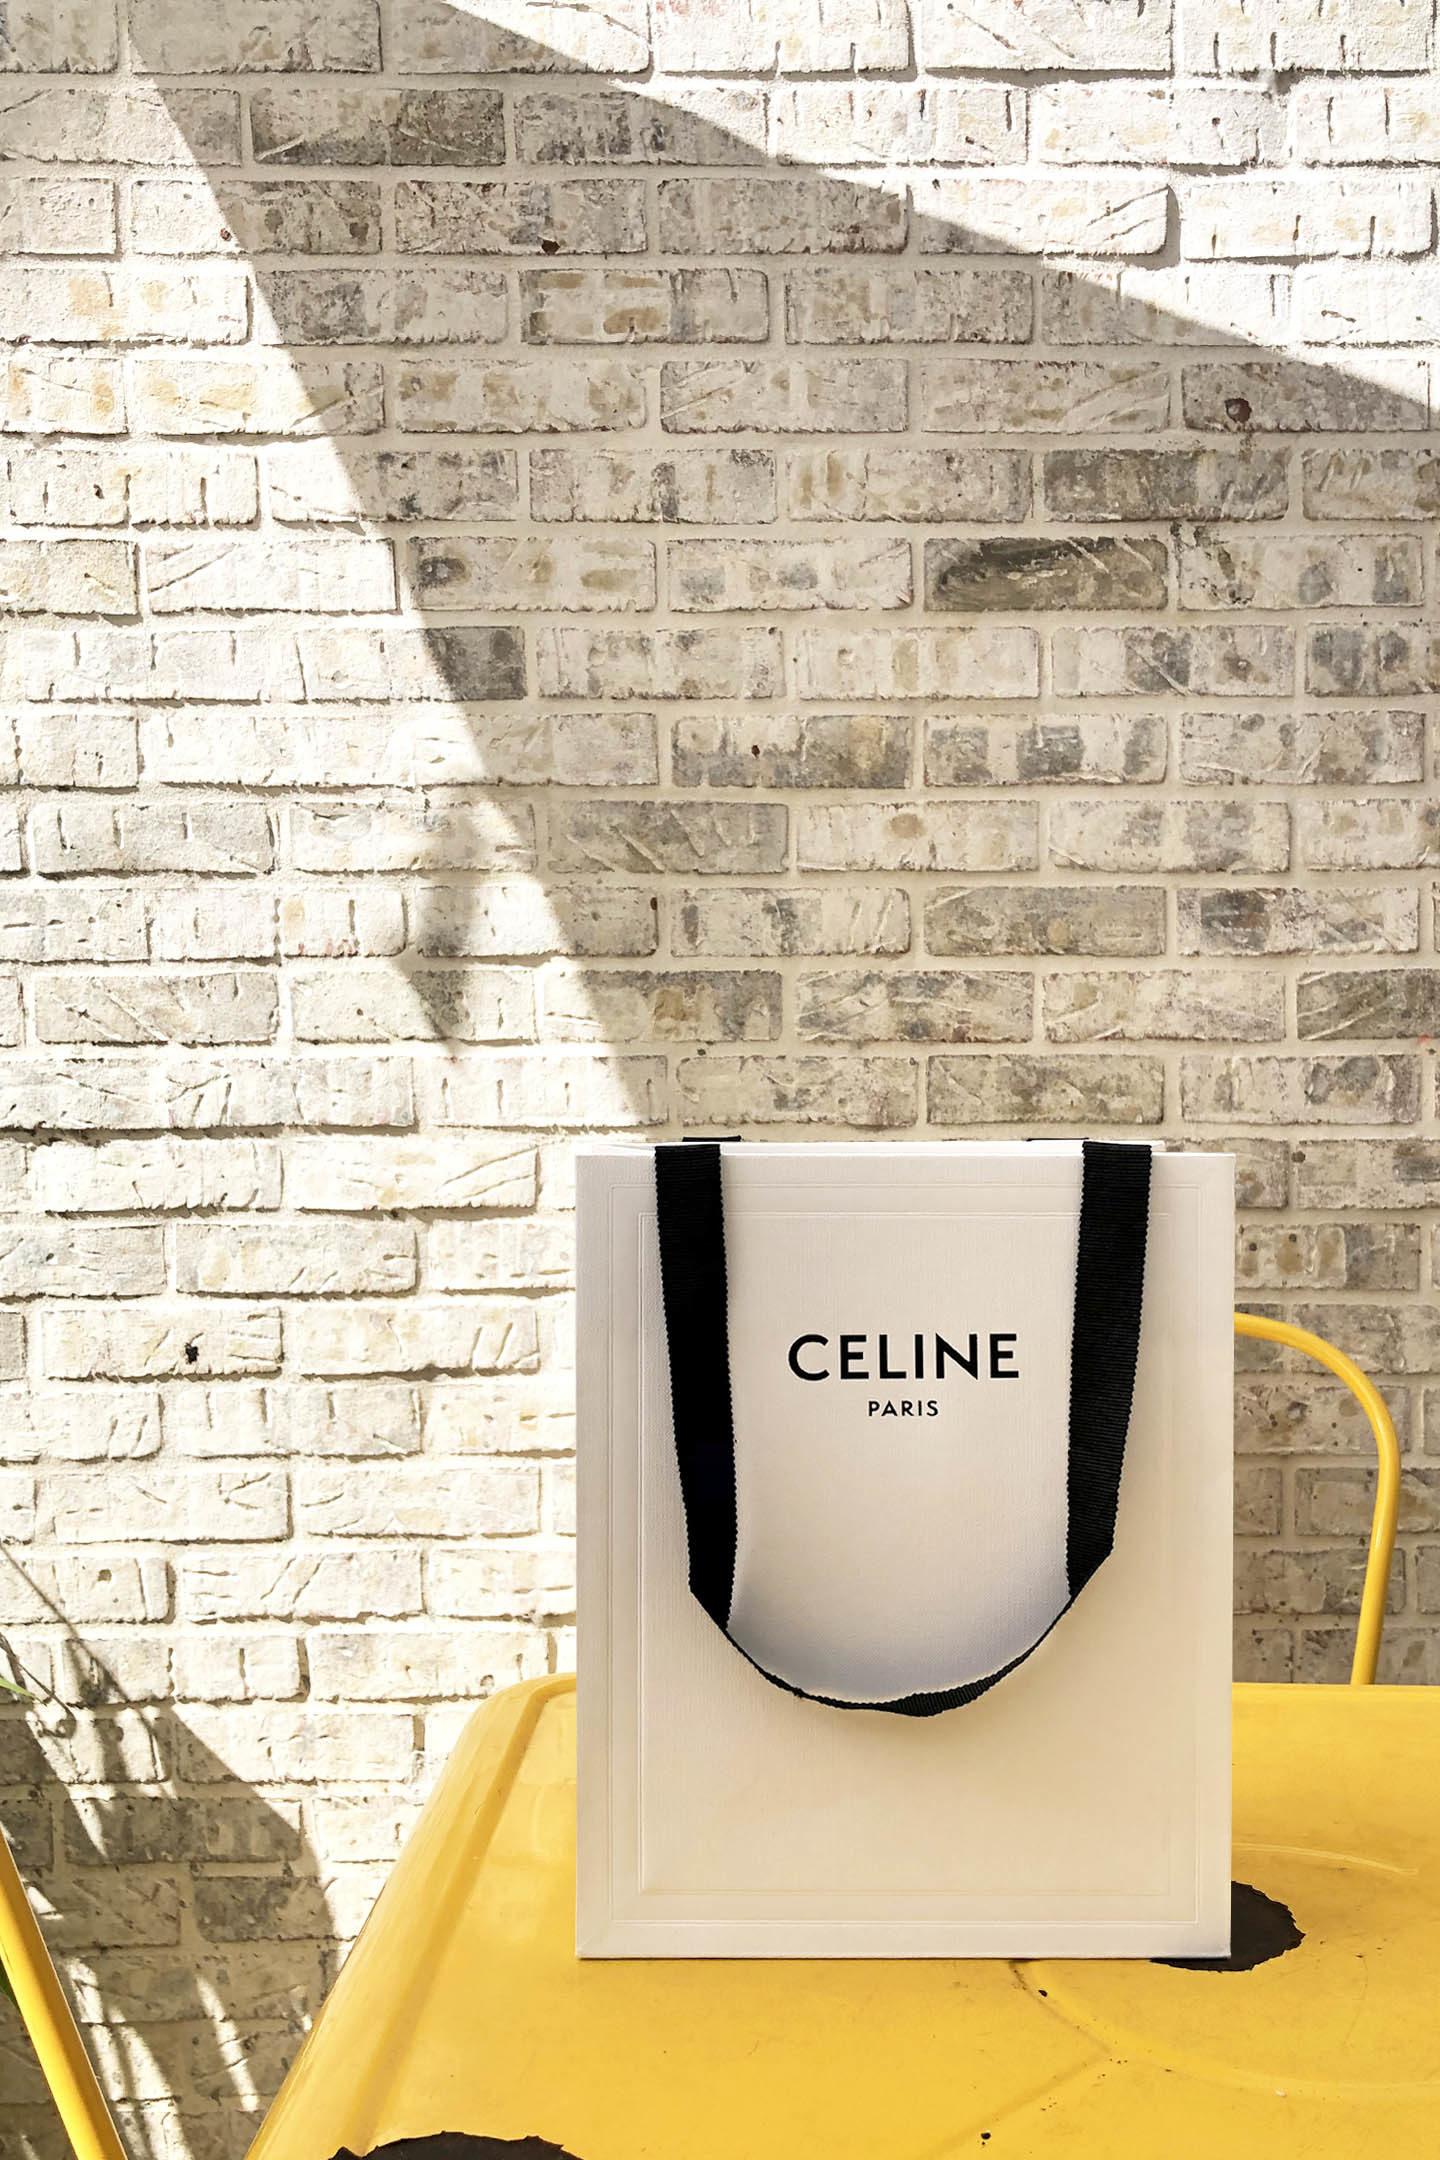 Celine Lunettes De Soleil Haul